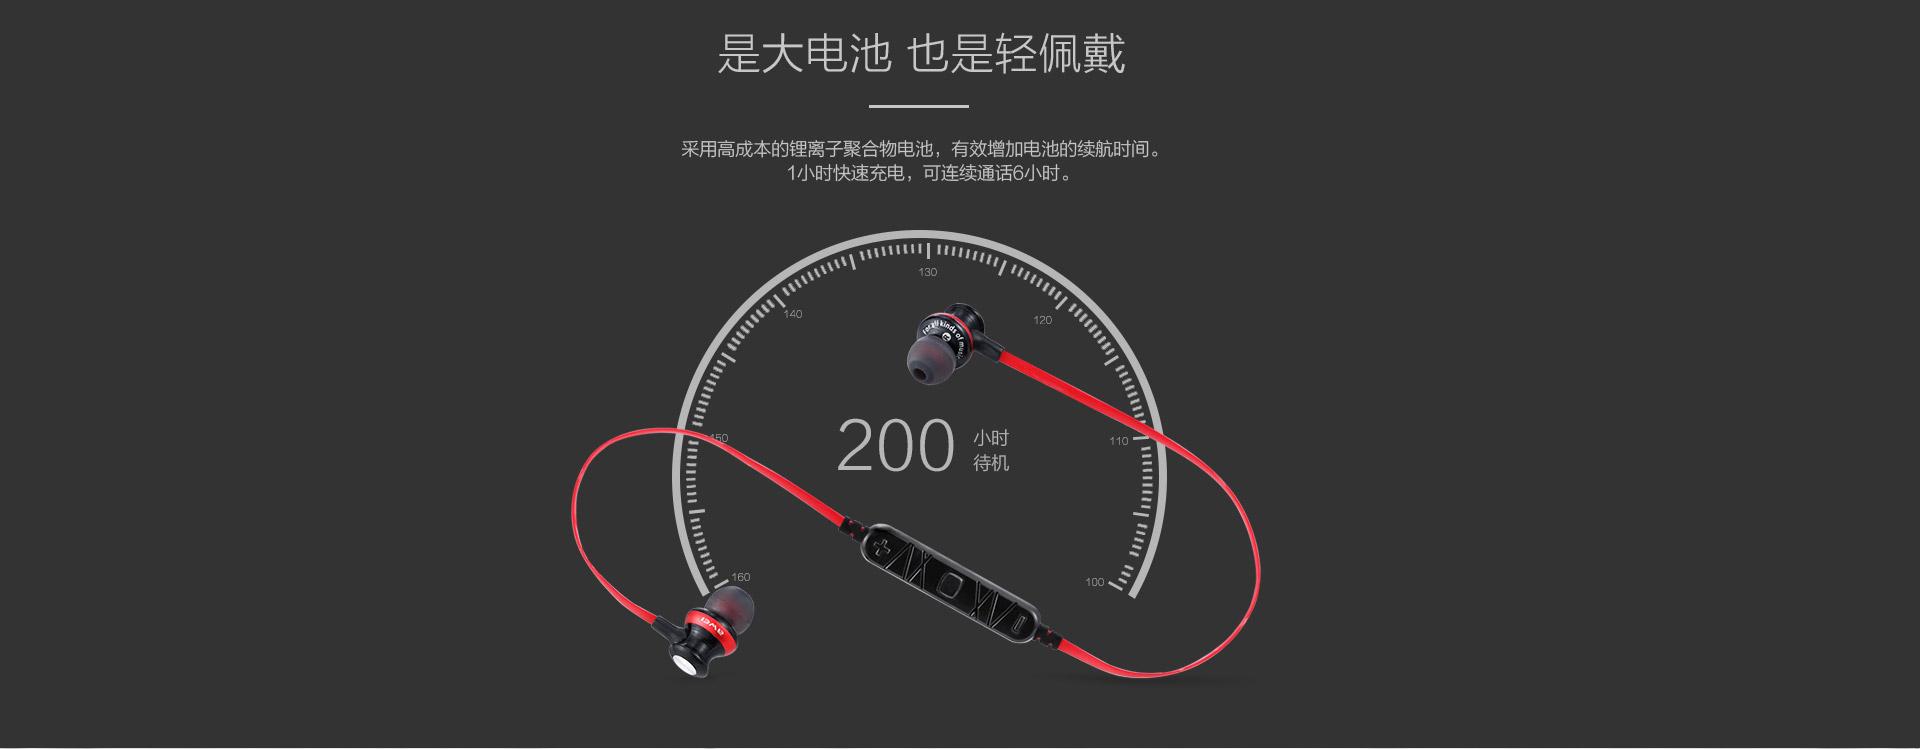 电池-智能运动蓝牙耳机